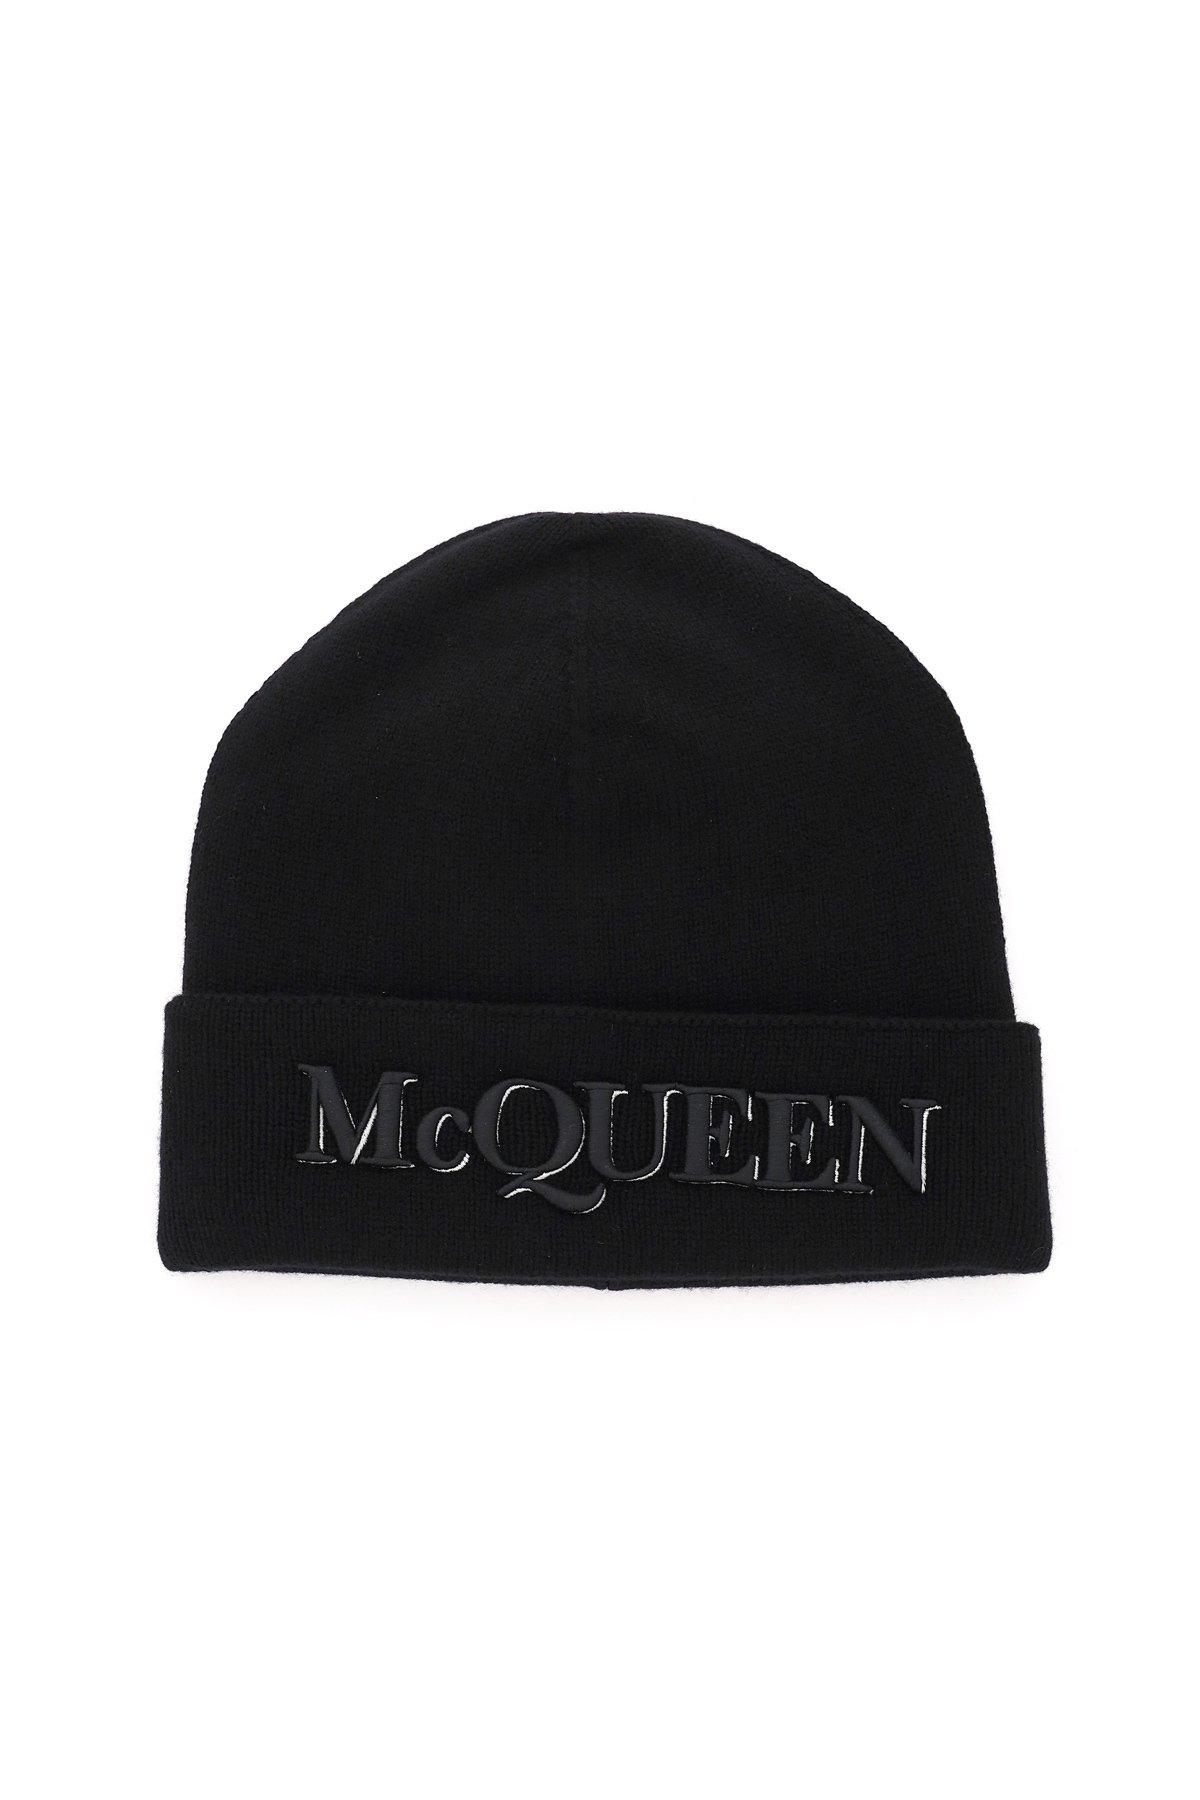 Alexander mcqueen cappello beanie con logo frontale